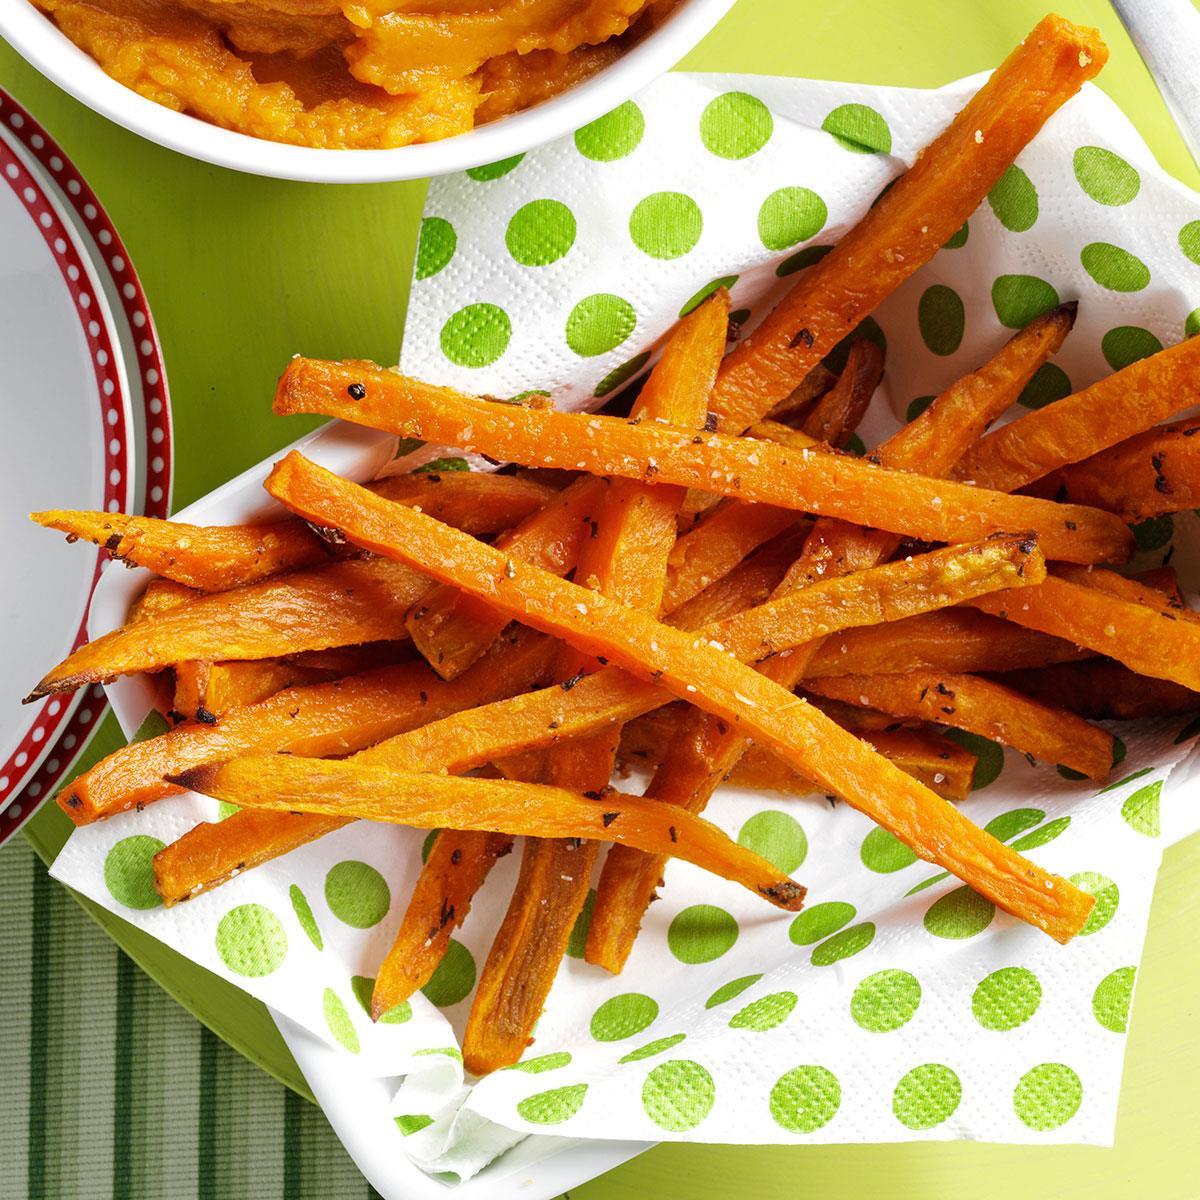 Sweet Potato Fries Recipes  Rosemary Sweet Potato Fries Recipe